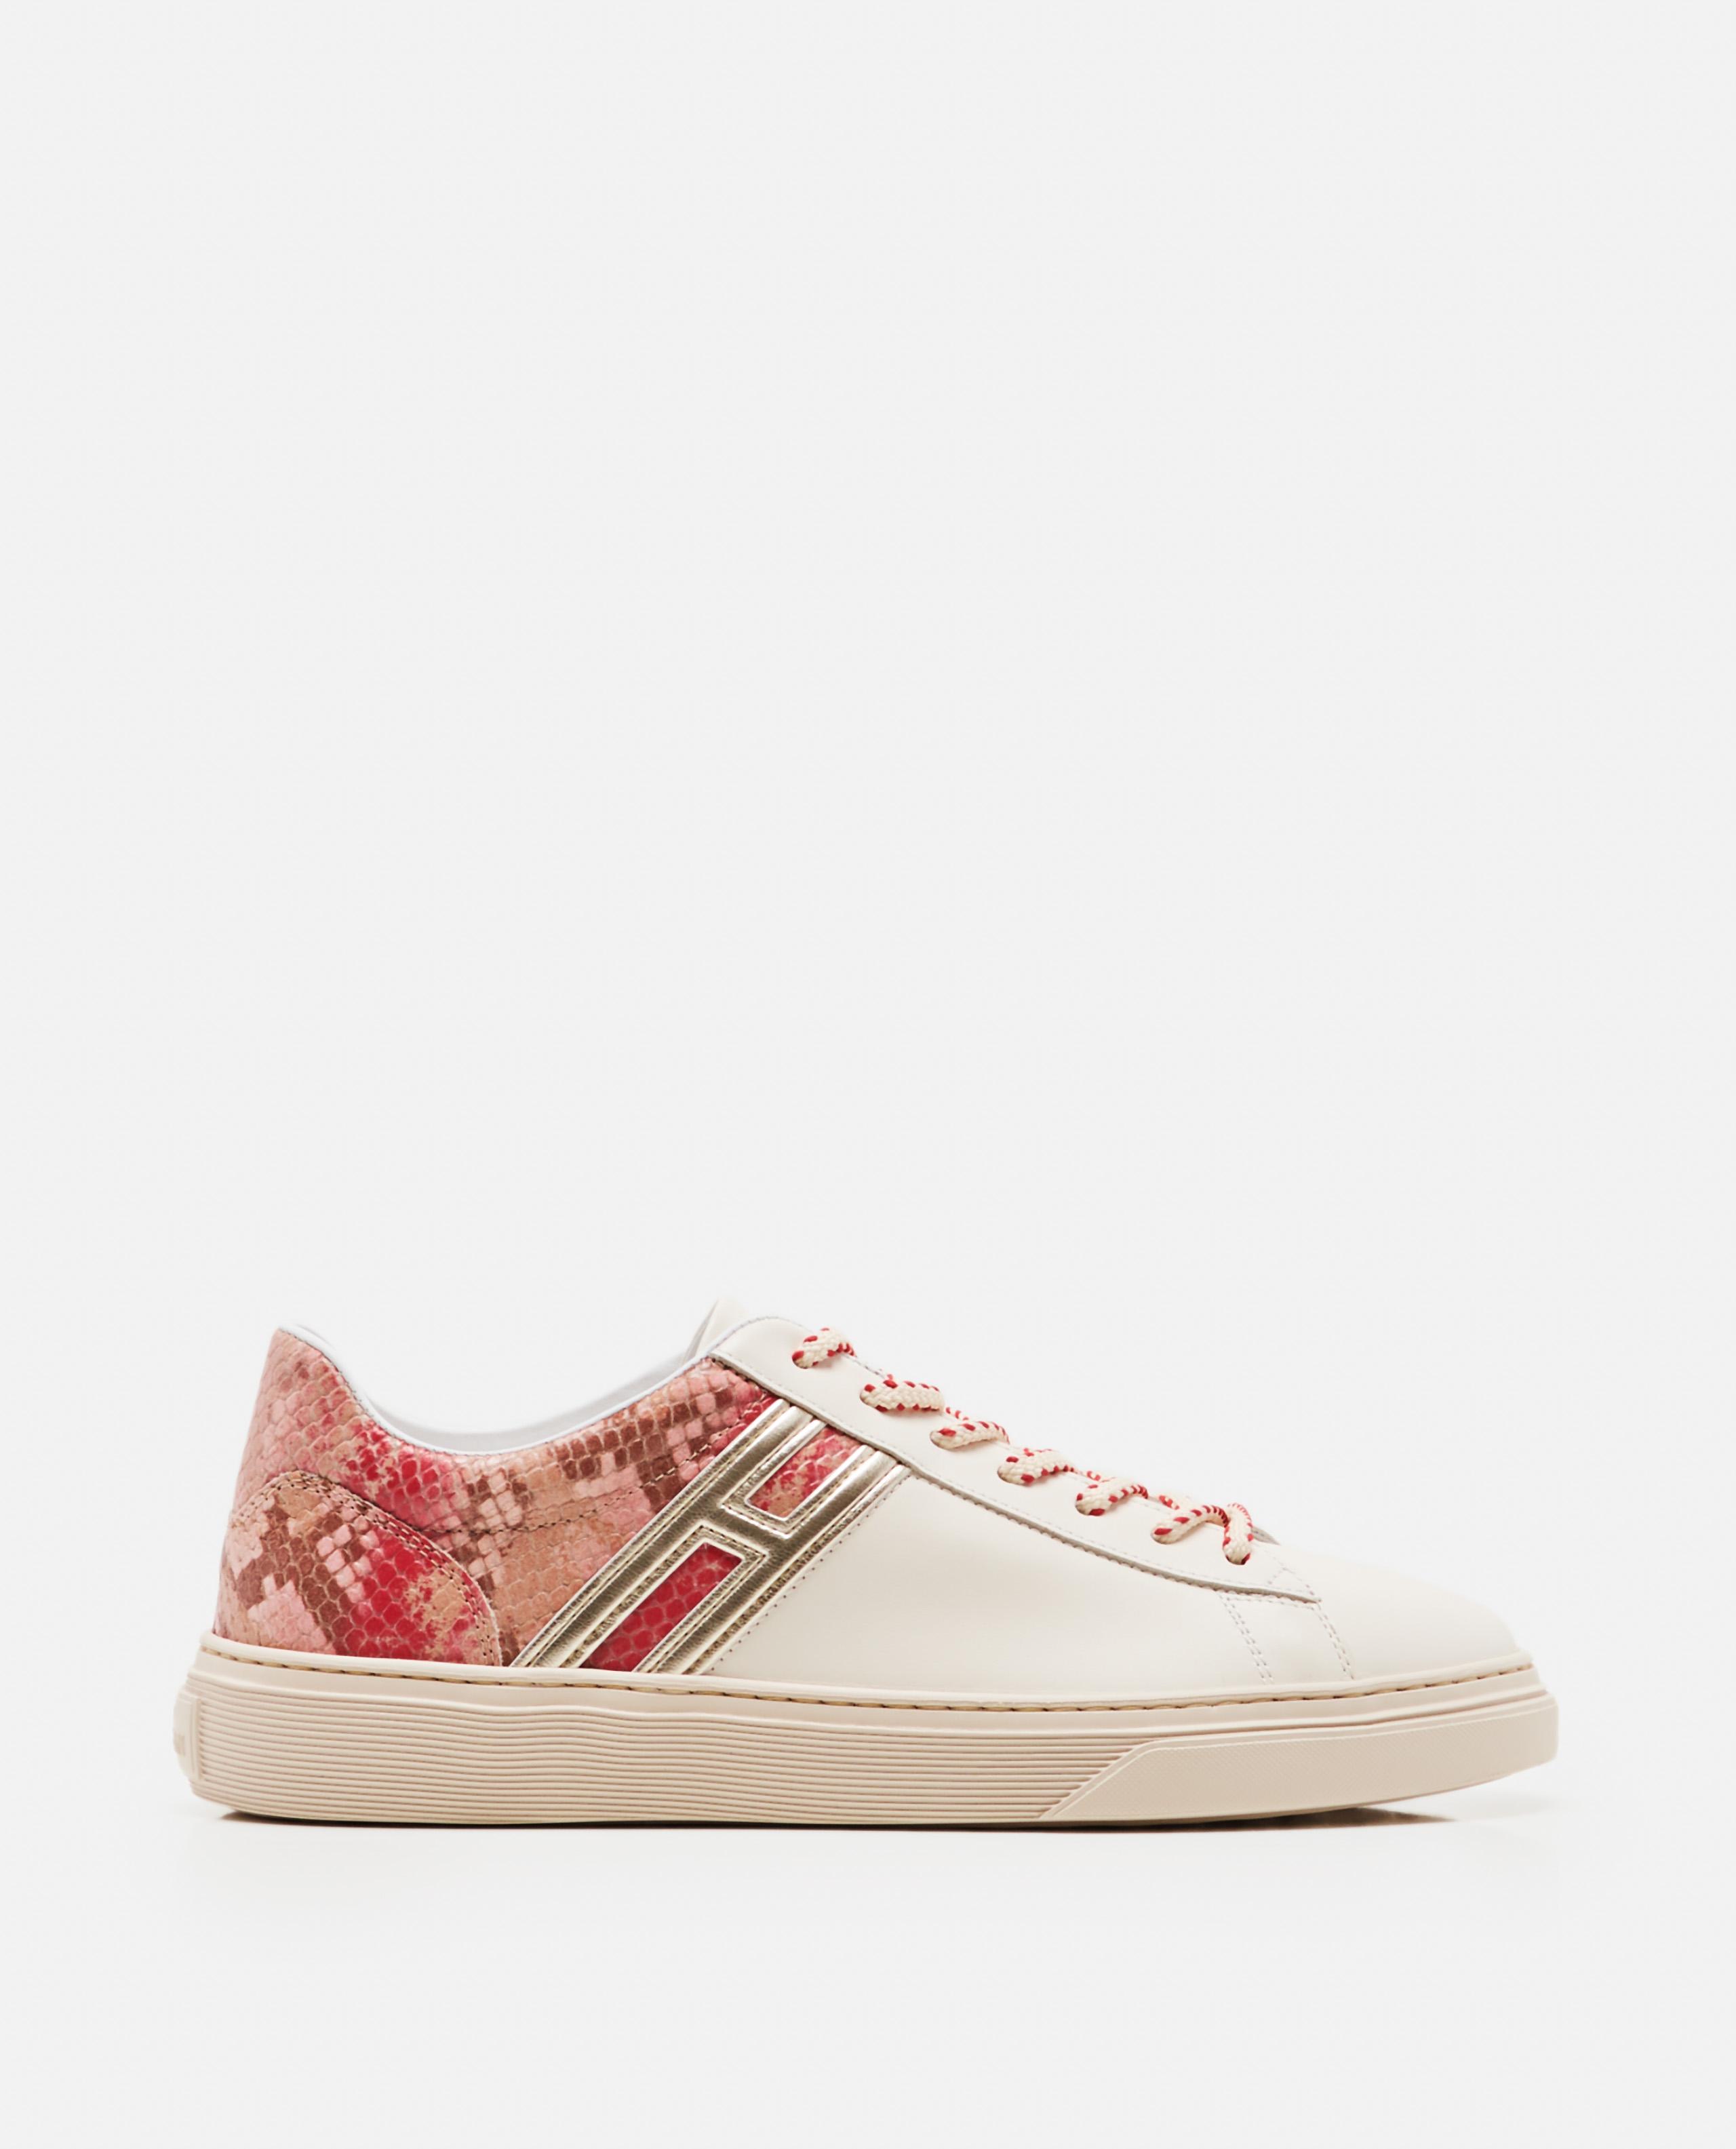 H365 Hogan sneakers